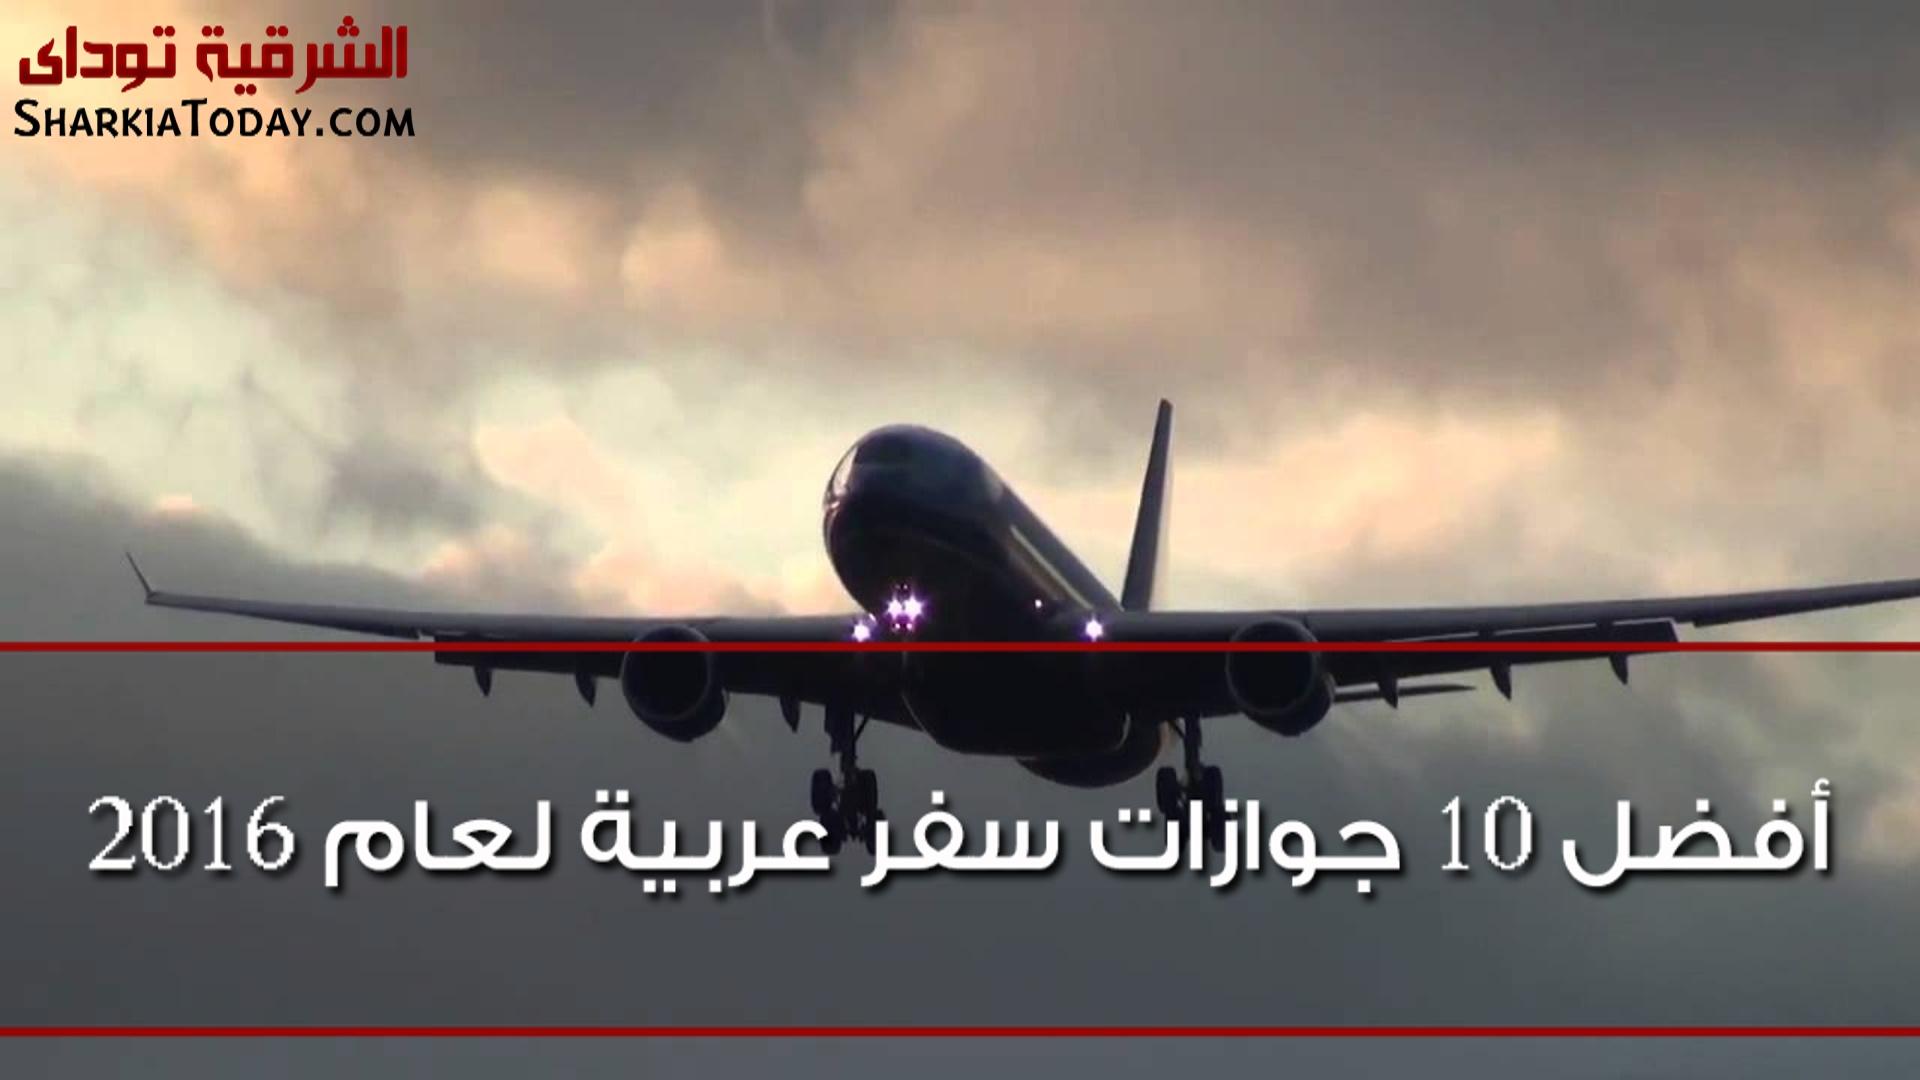 صورة بالفيديو .. أفضل 10 جوازات سفر عربية لعام 2016